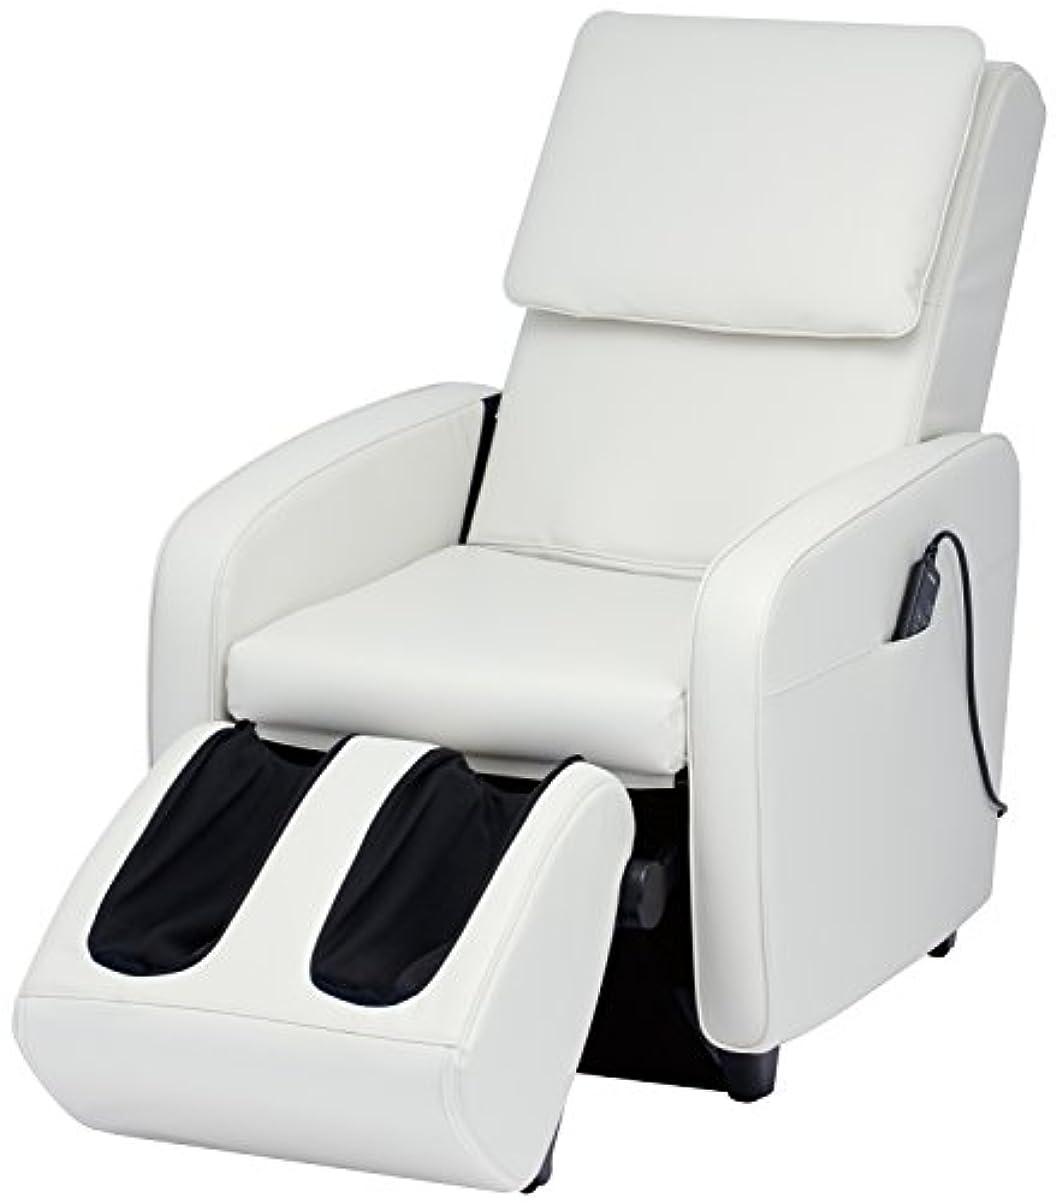 雄弁な連合ボタンスライヴ マッサージチェア くつろぎ指定席 【SFIT エスフィット】 「つかみもみ機能搭載」 ホワイト CHD-7401(W)